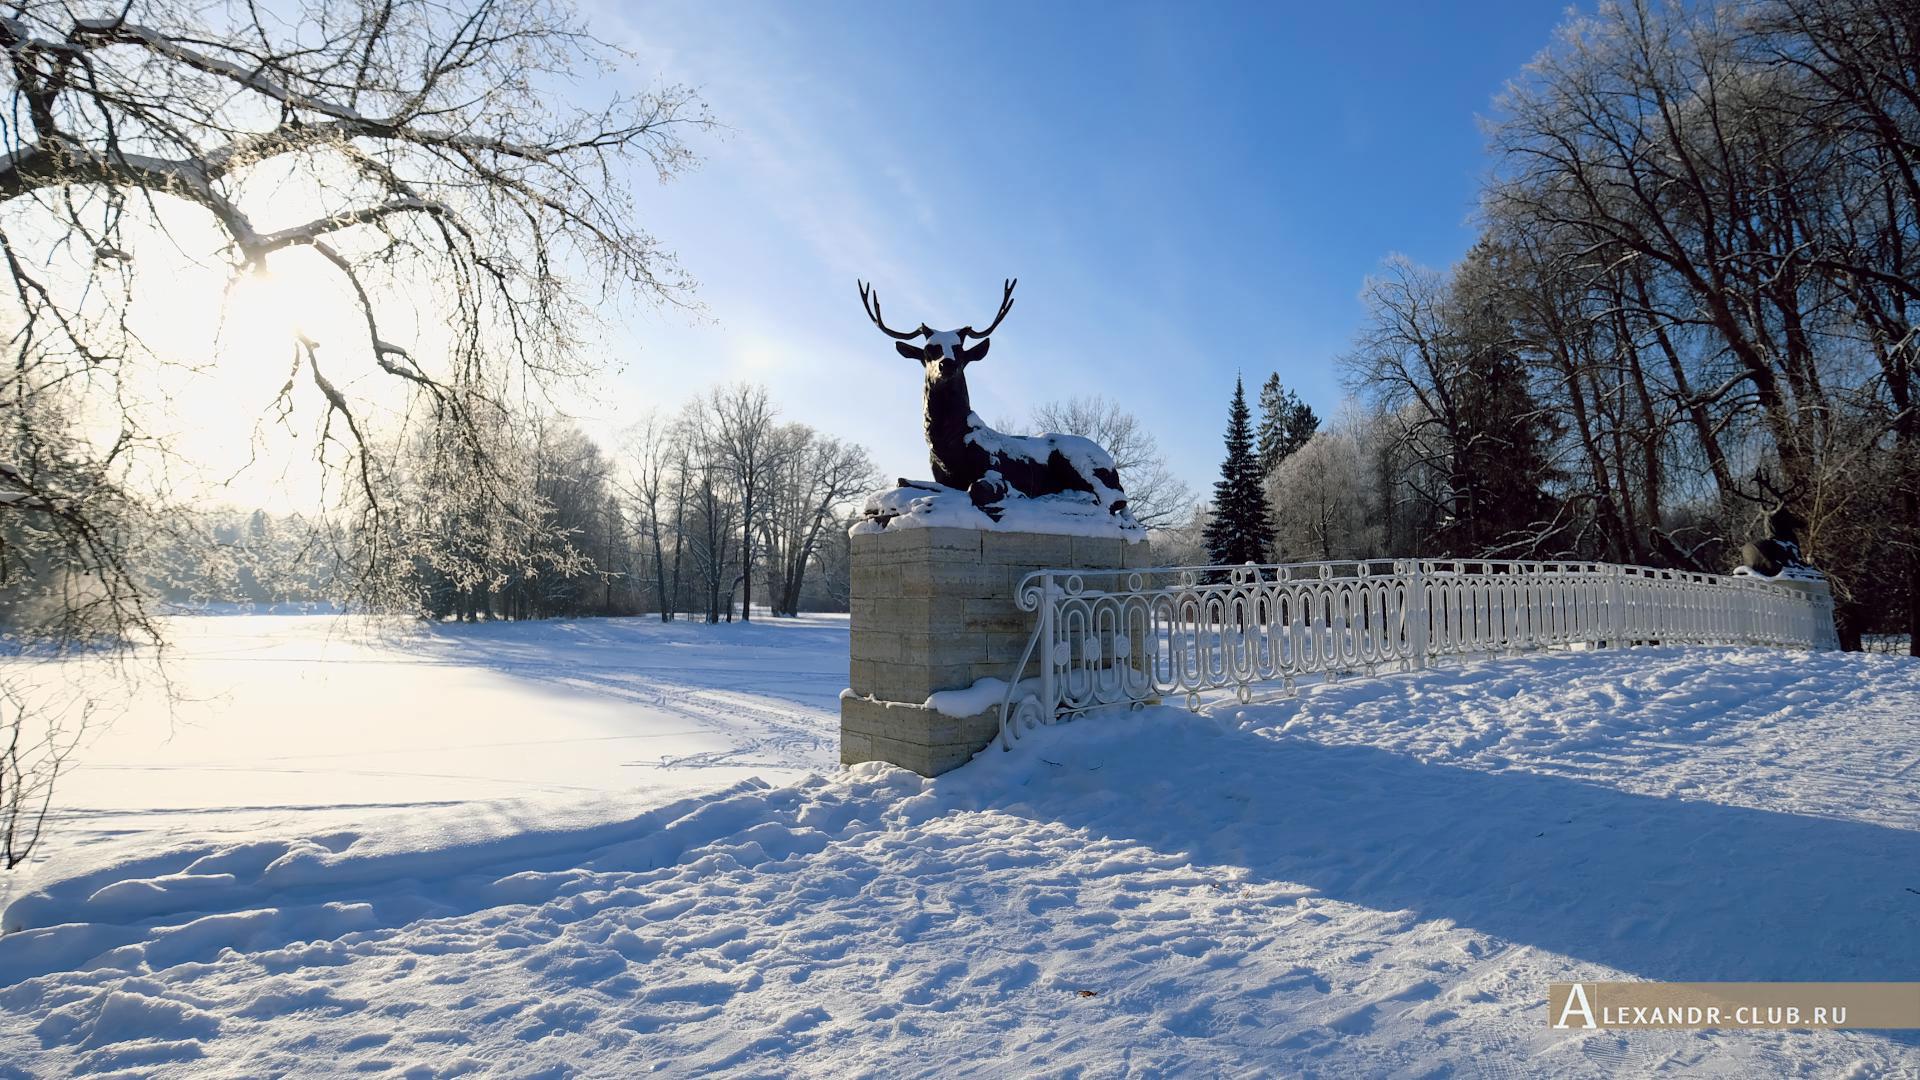 Павловск, зима, Павловский парк, Олений мост